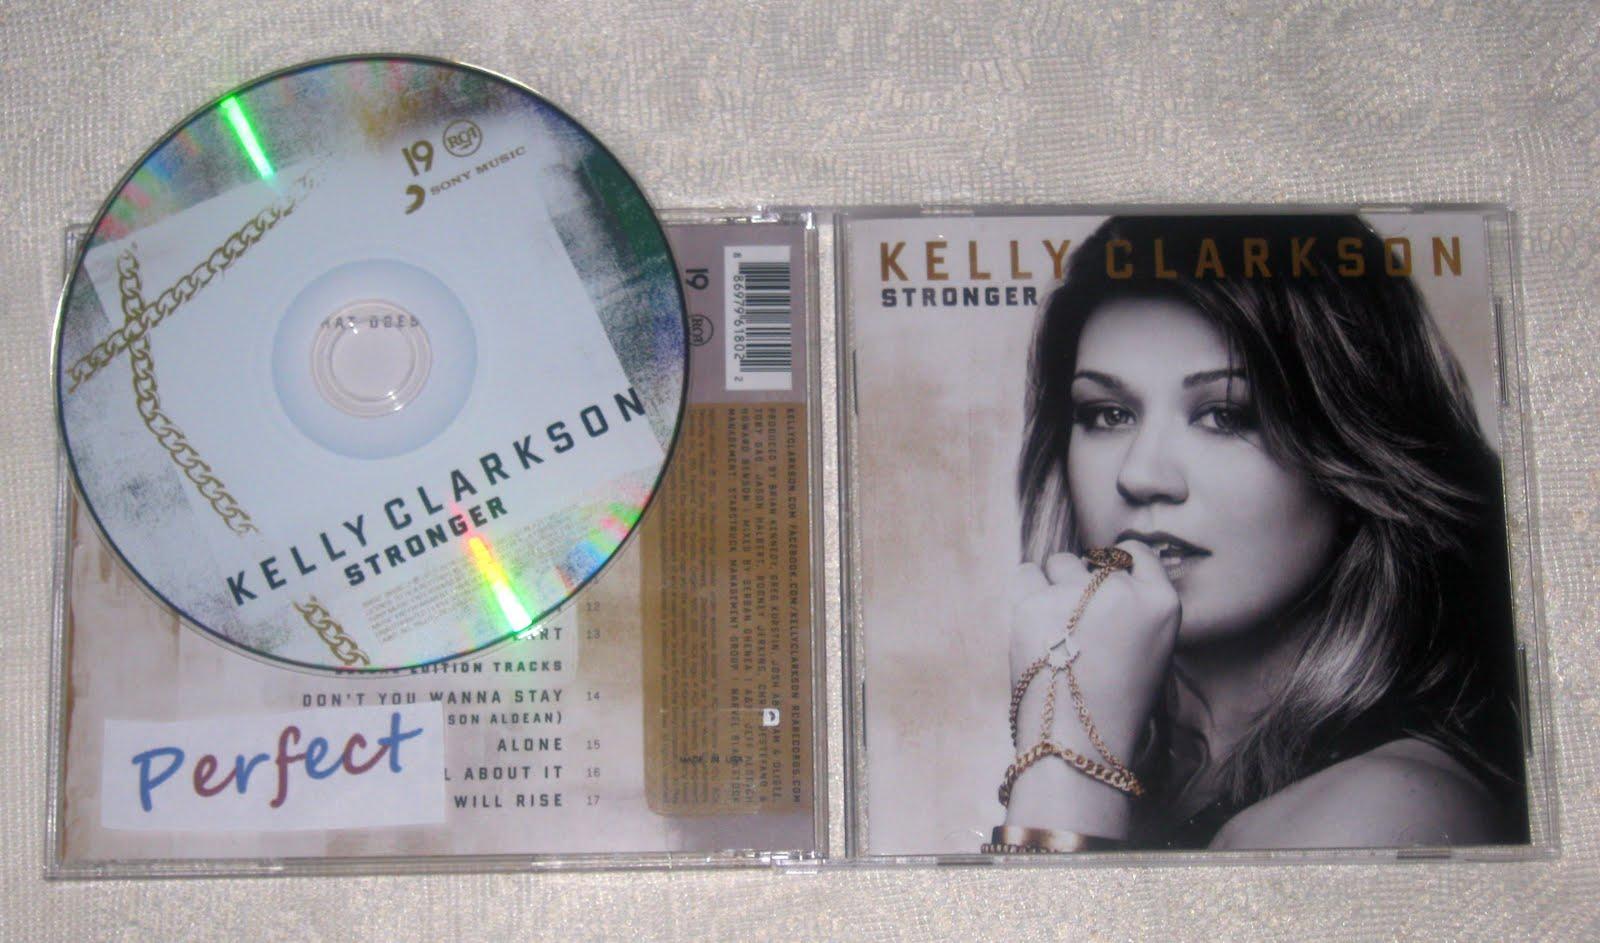 http://2.bp.blogspot.com/-TDB5vJIdaQM/TqZqSQYka8I/AAAAAAAAXsI/mKRIFdMDqsM/s1600/Kelly_Clarkson-Stronger-CD-FLAC-2011-PERFECT.jpg